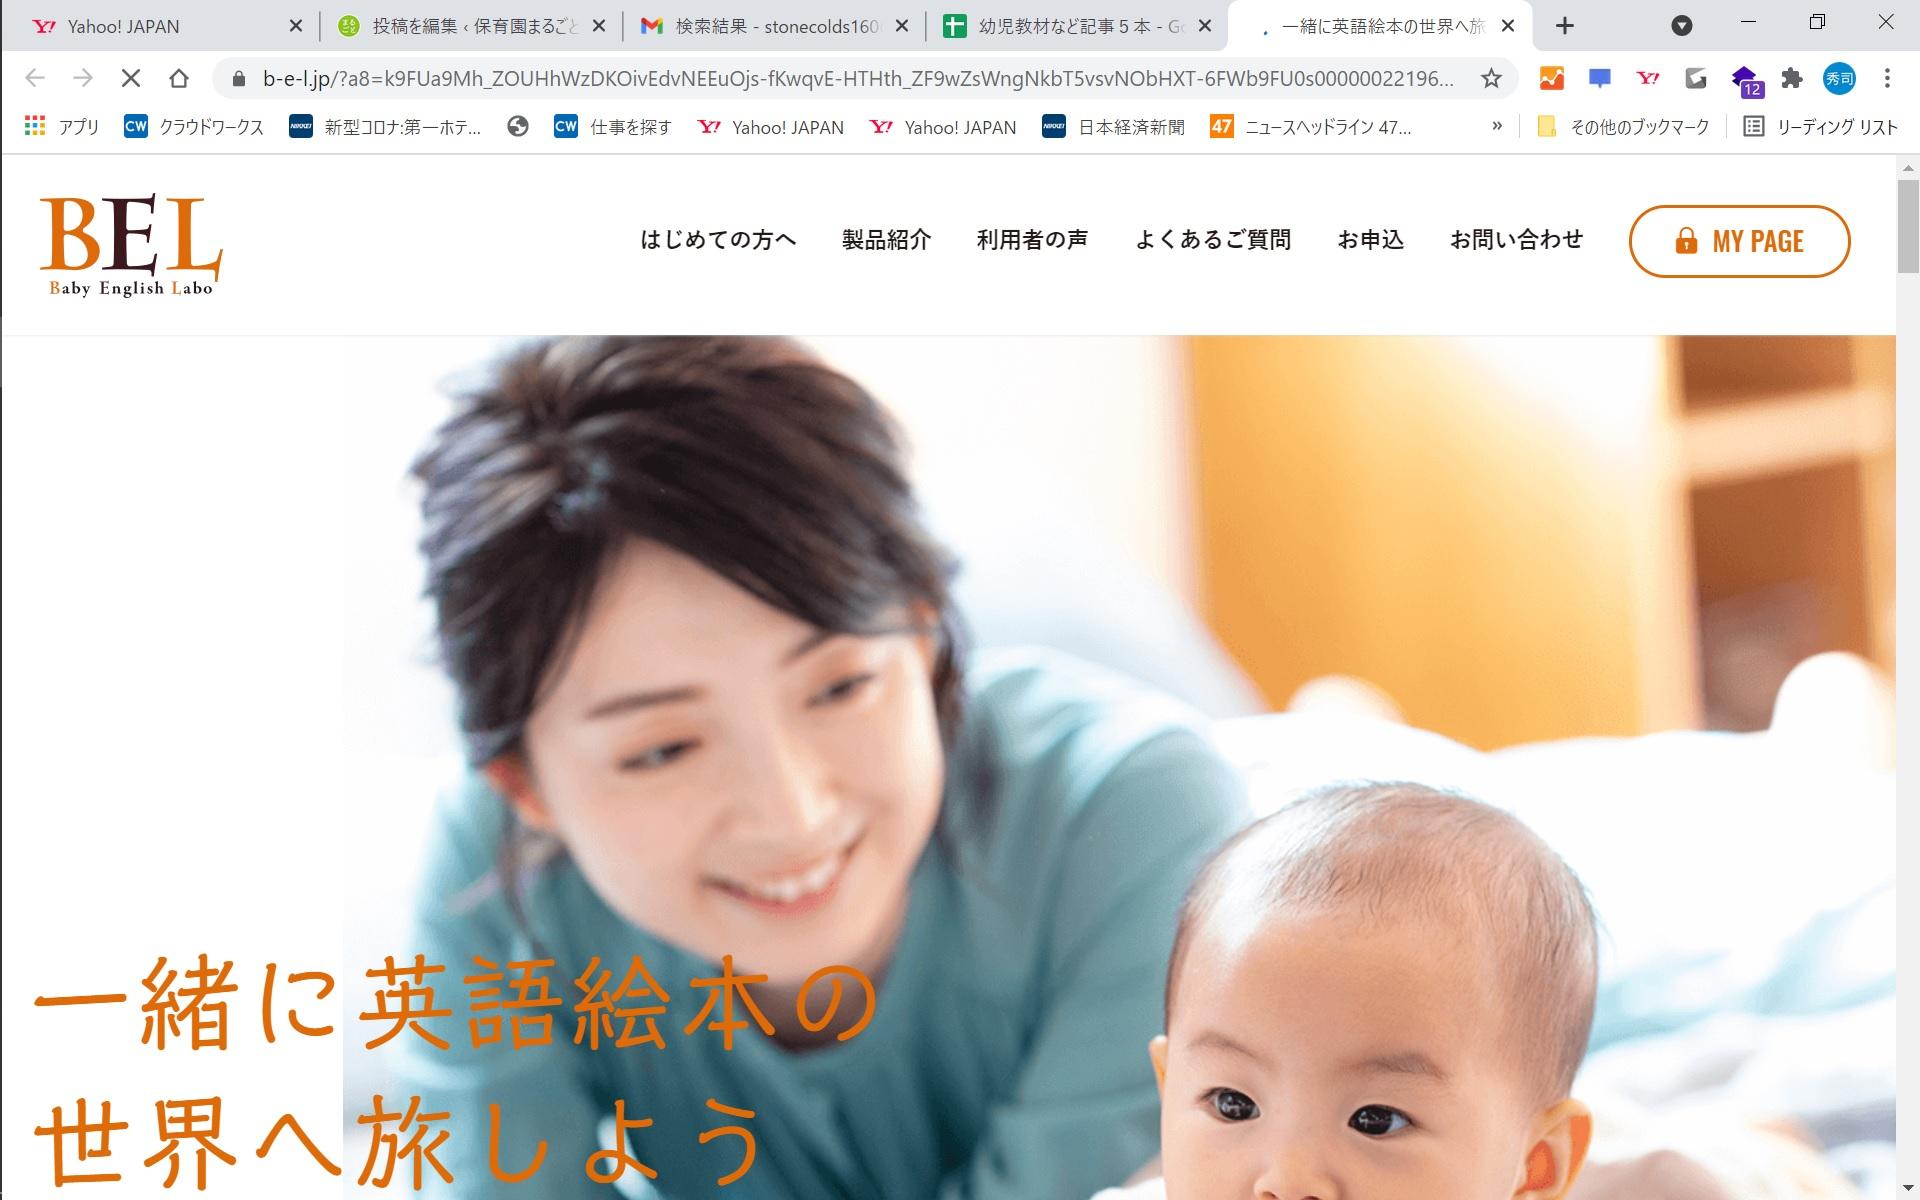 英語絵本と歌あそび『Baby English Labo』のトップページ画像